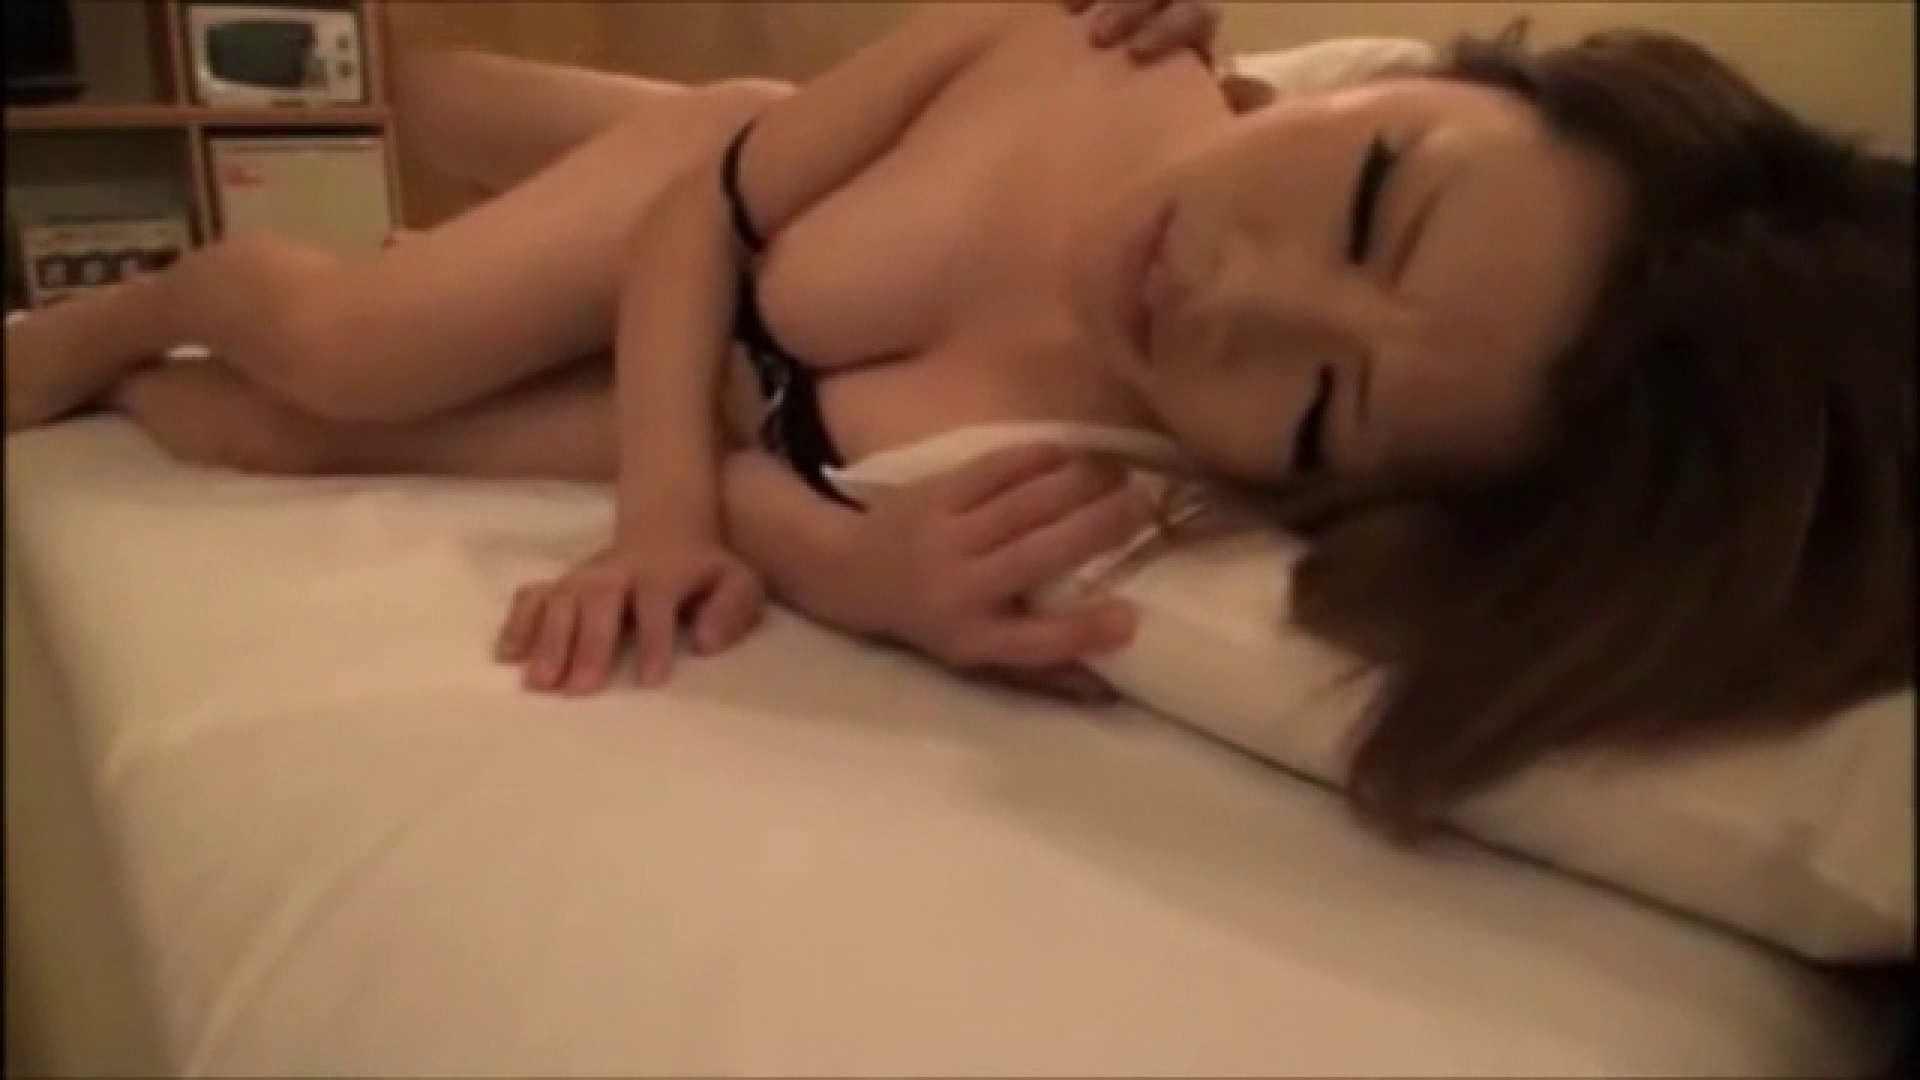 おしえてギャル子のH塾 Vol.47後編 パンツ アダルト動画キャプチャ 60連発 25